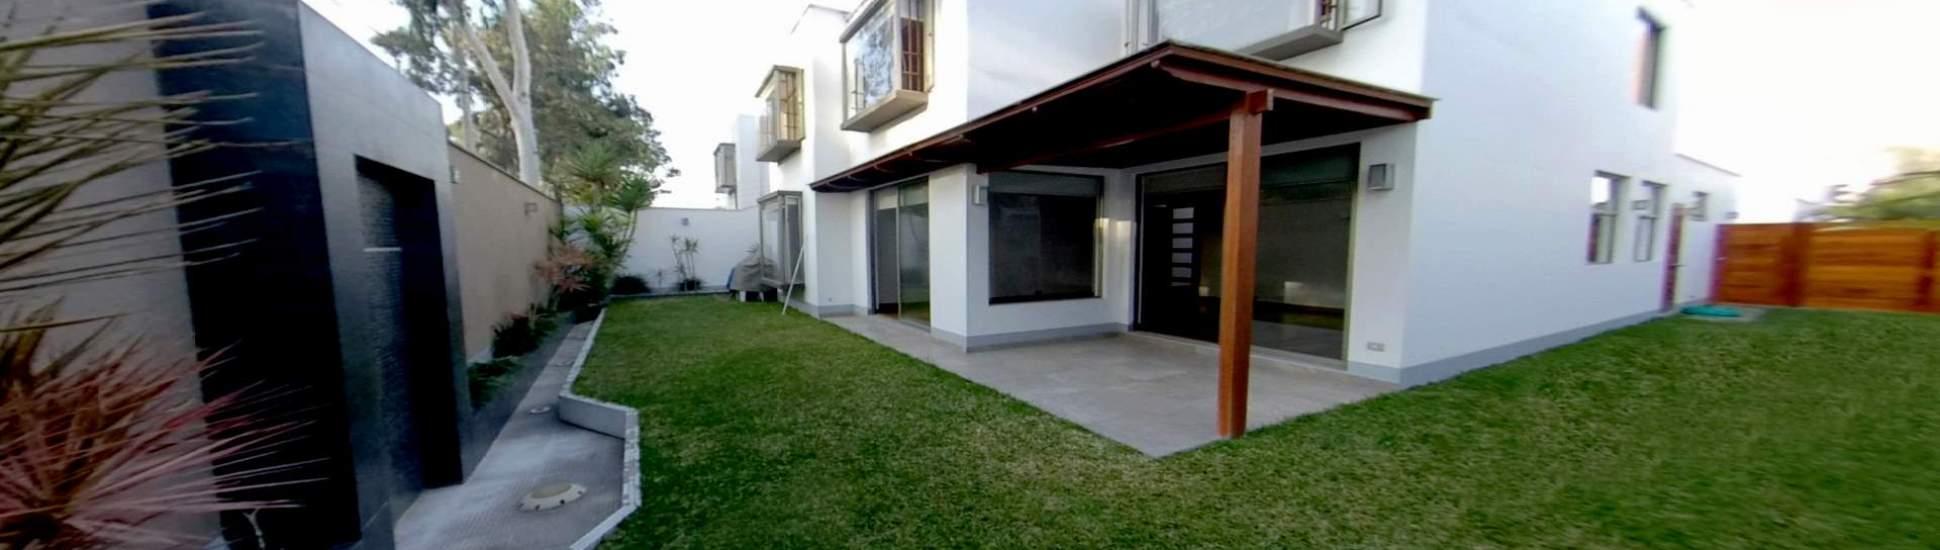 Casa moderna Vista a Parque